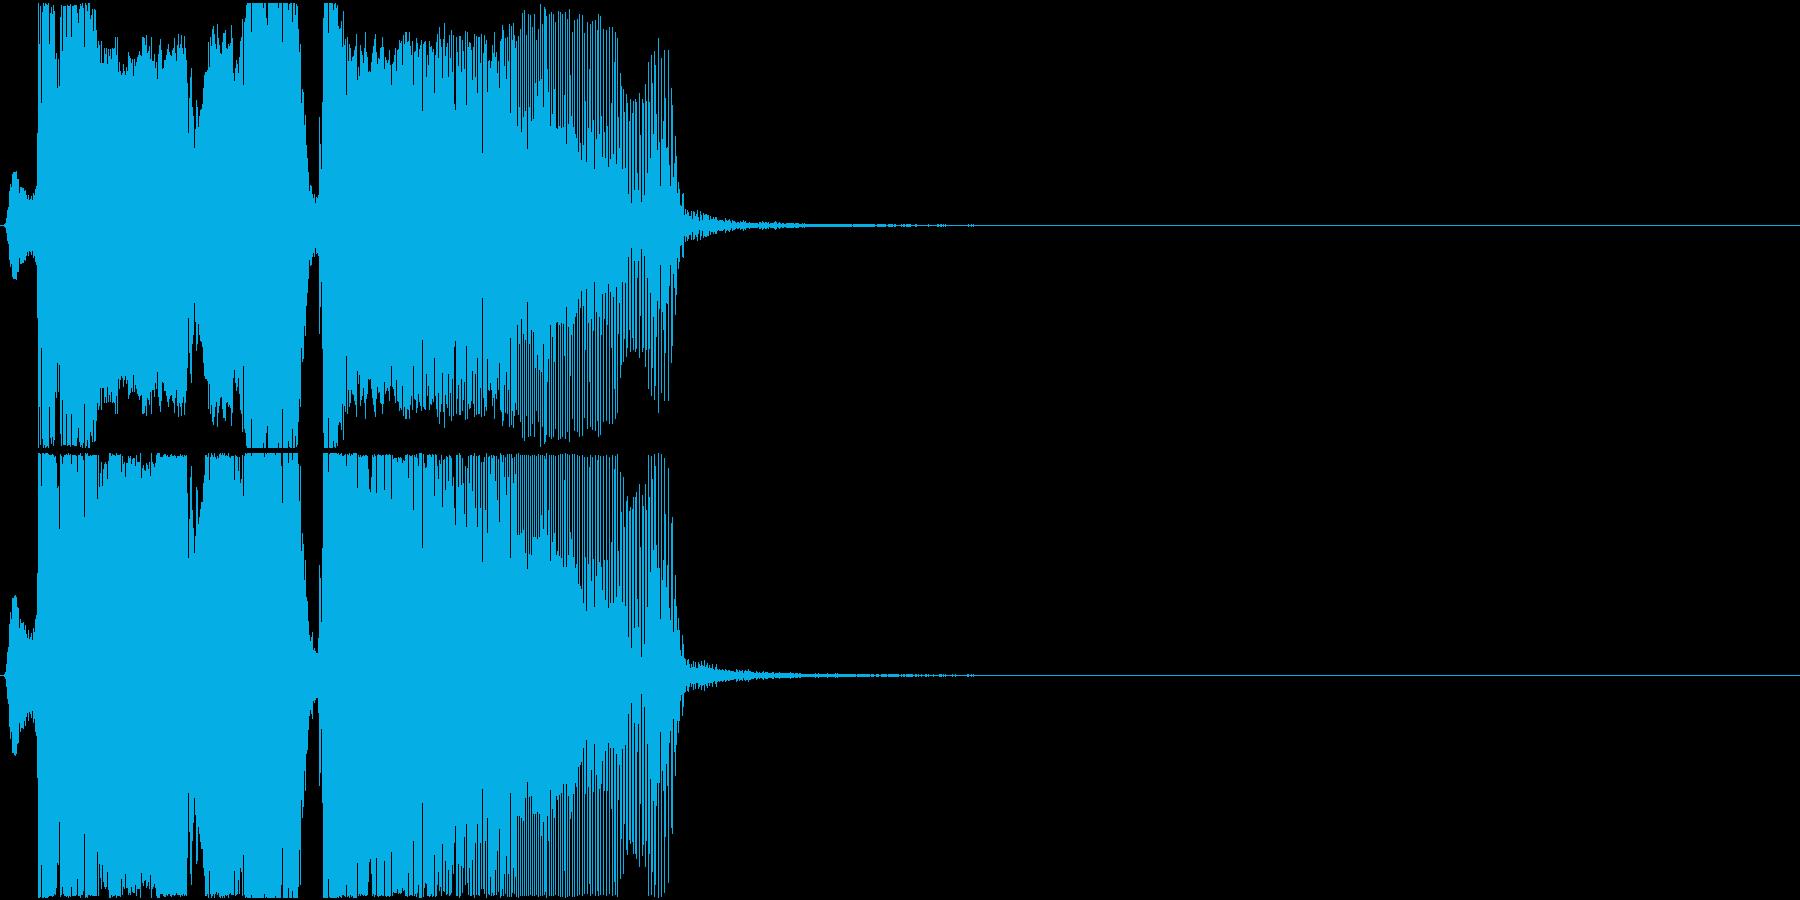 「ボーナスタイム」アプリ・ゲーム用3の再生済みの波形